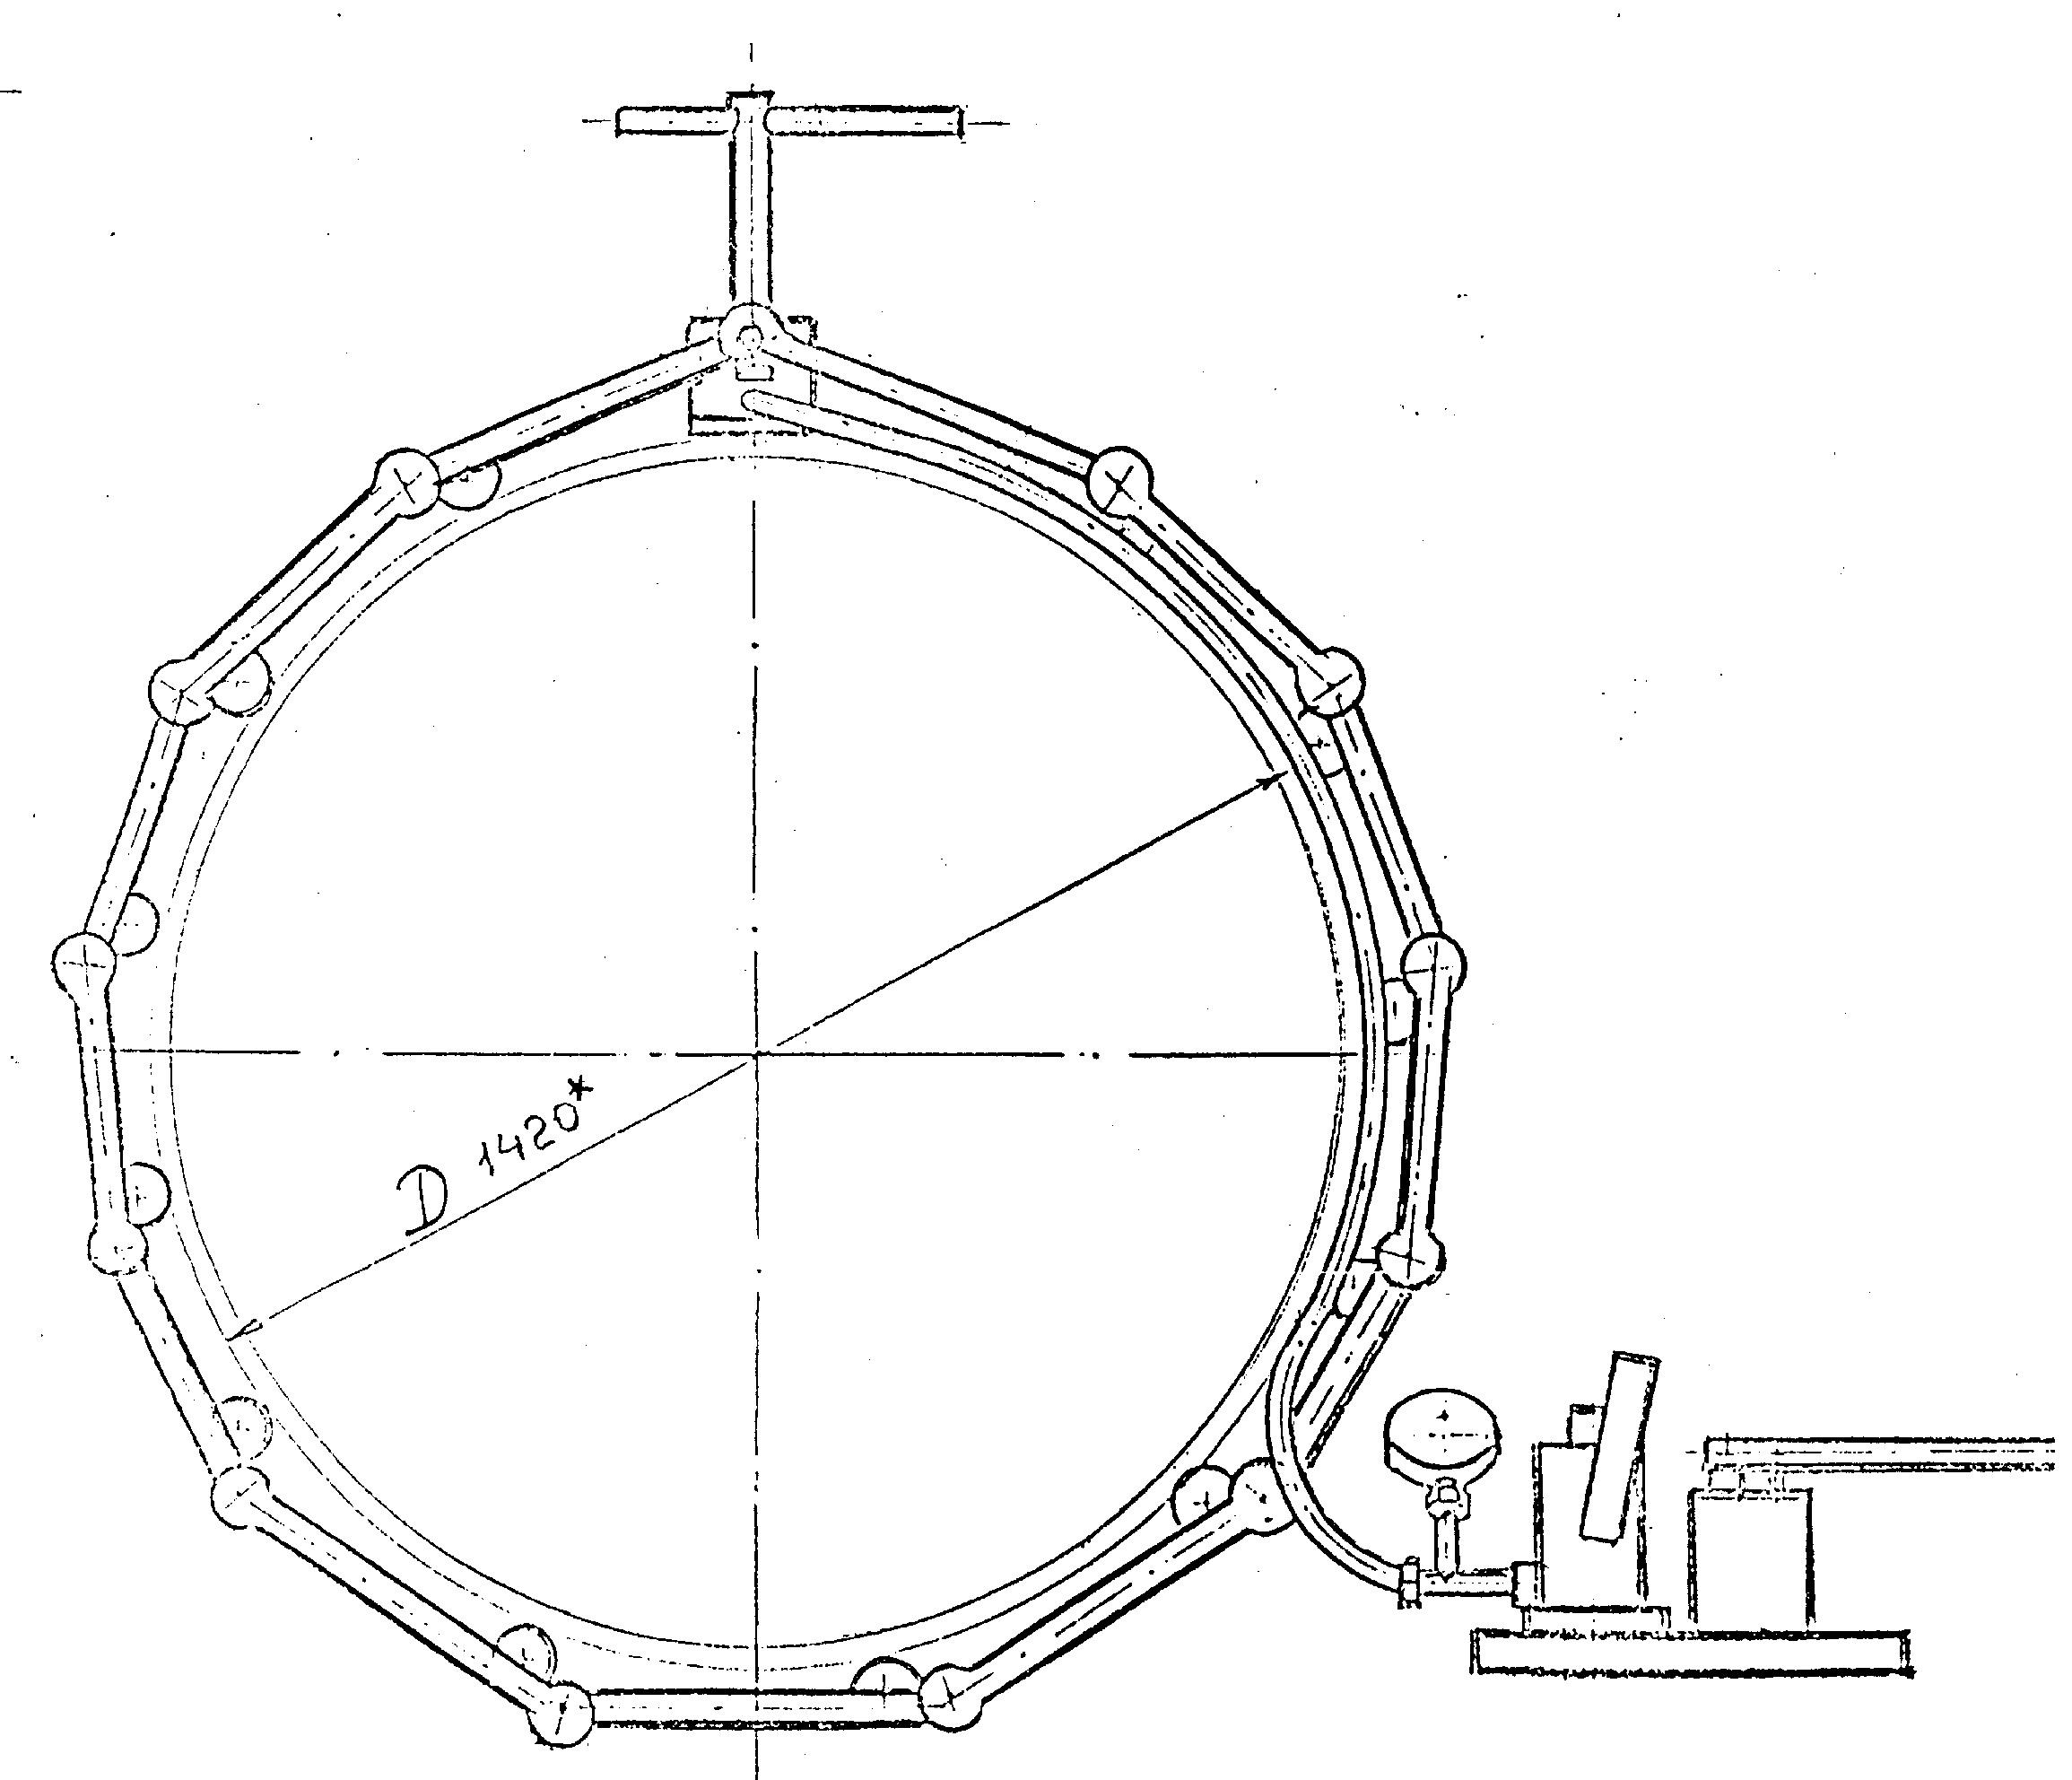 Центраторы гидромеханические для сварки труб DN 1020-1420 схема